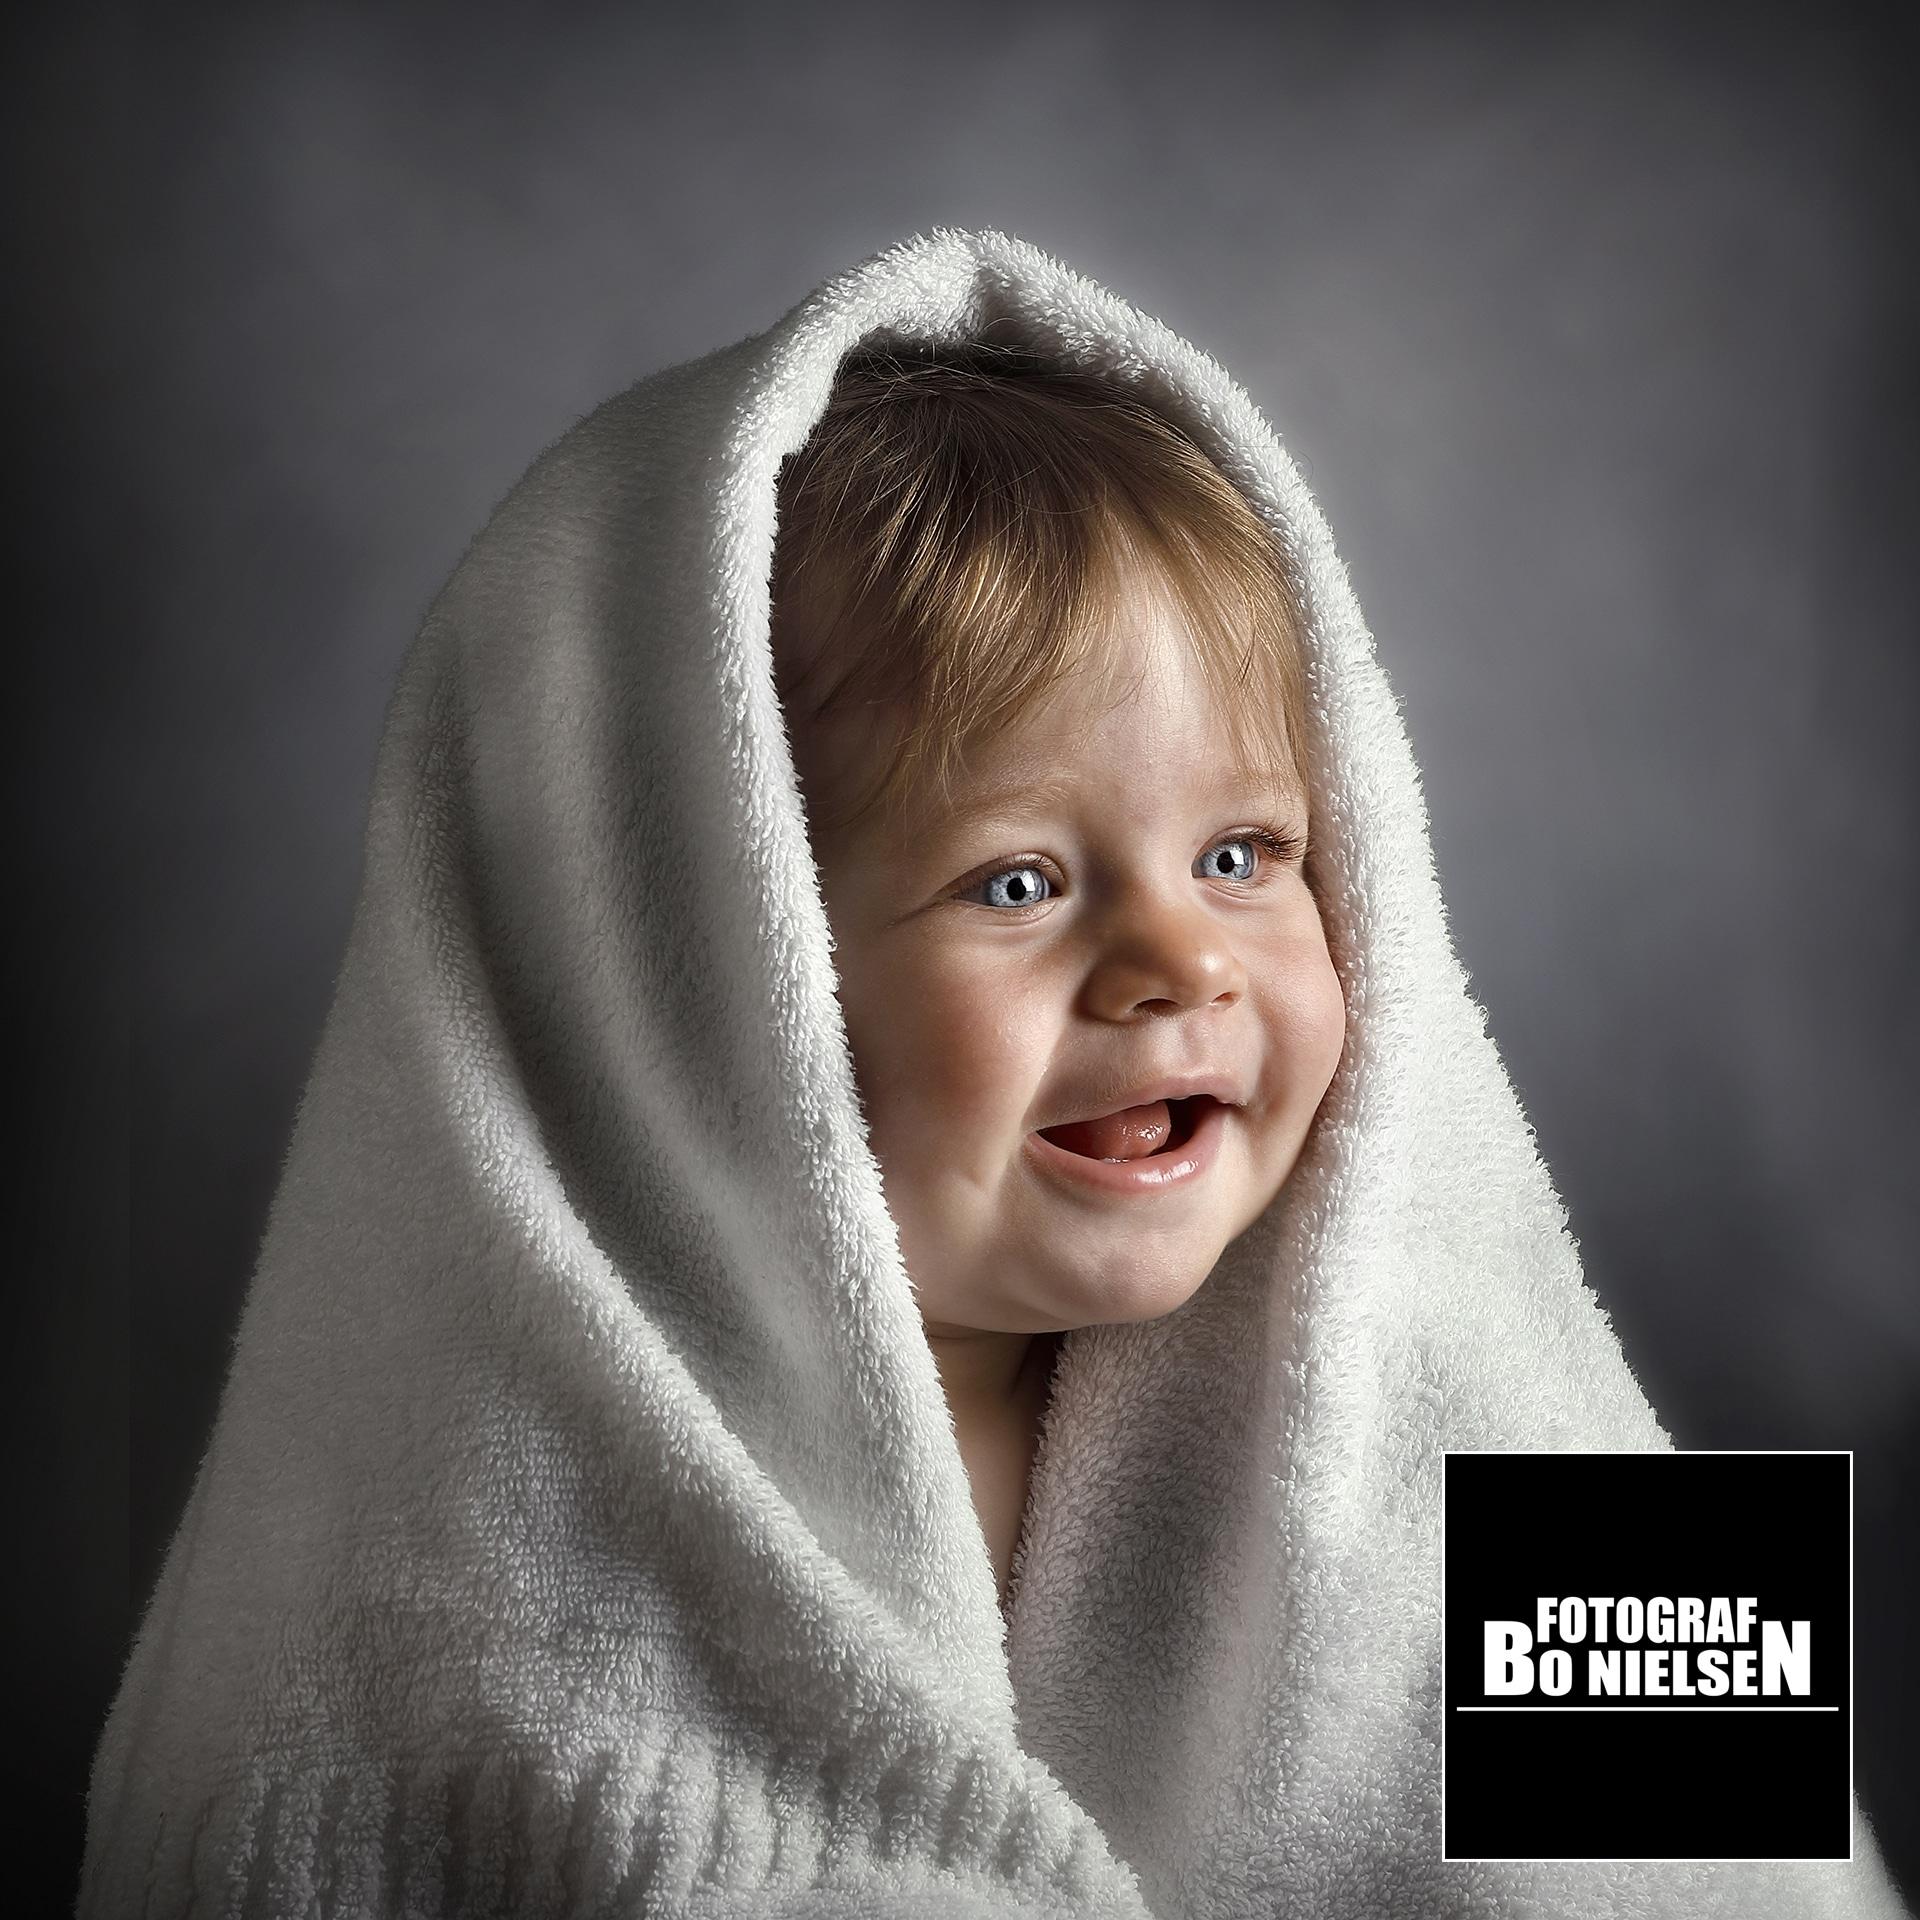 Fotograf Bo Nielsen tager månedsbilleder, her en Guldklump fotografering i studiet af fotograf Kolding. 5 måneders billede